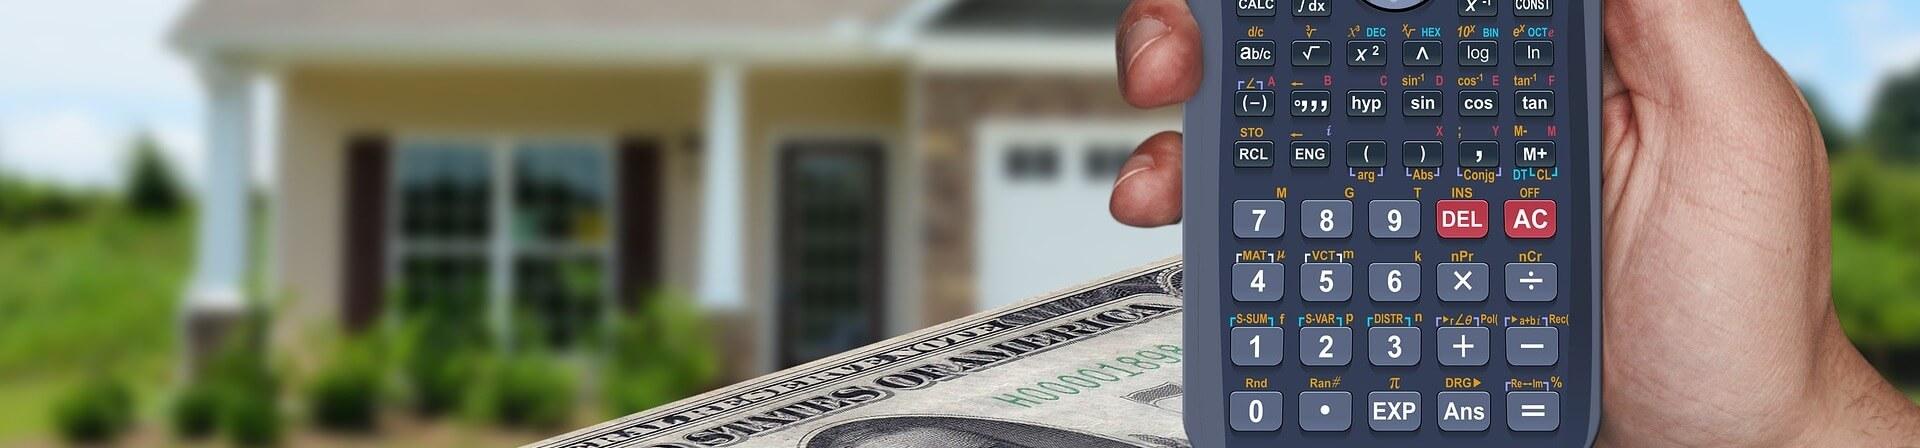 Baufinanzierung Wissenswertes Tipps